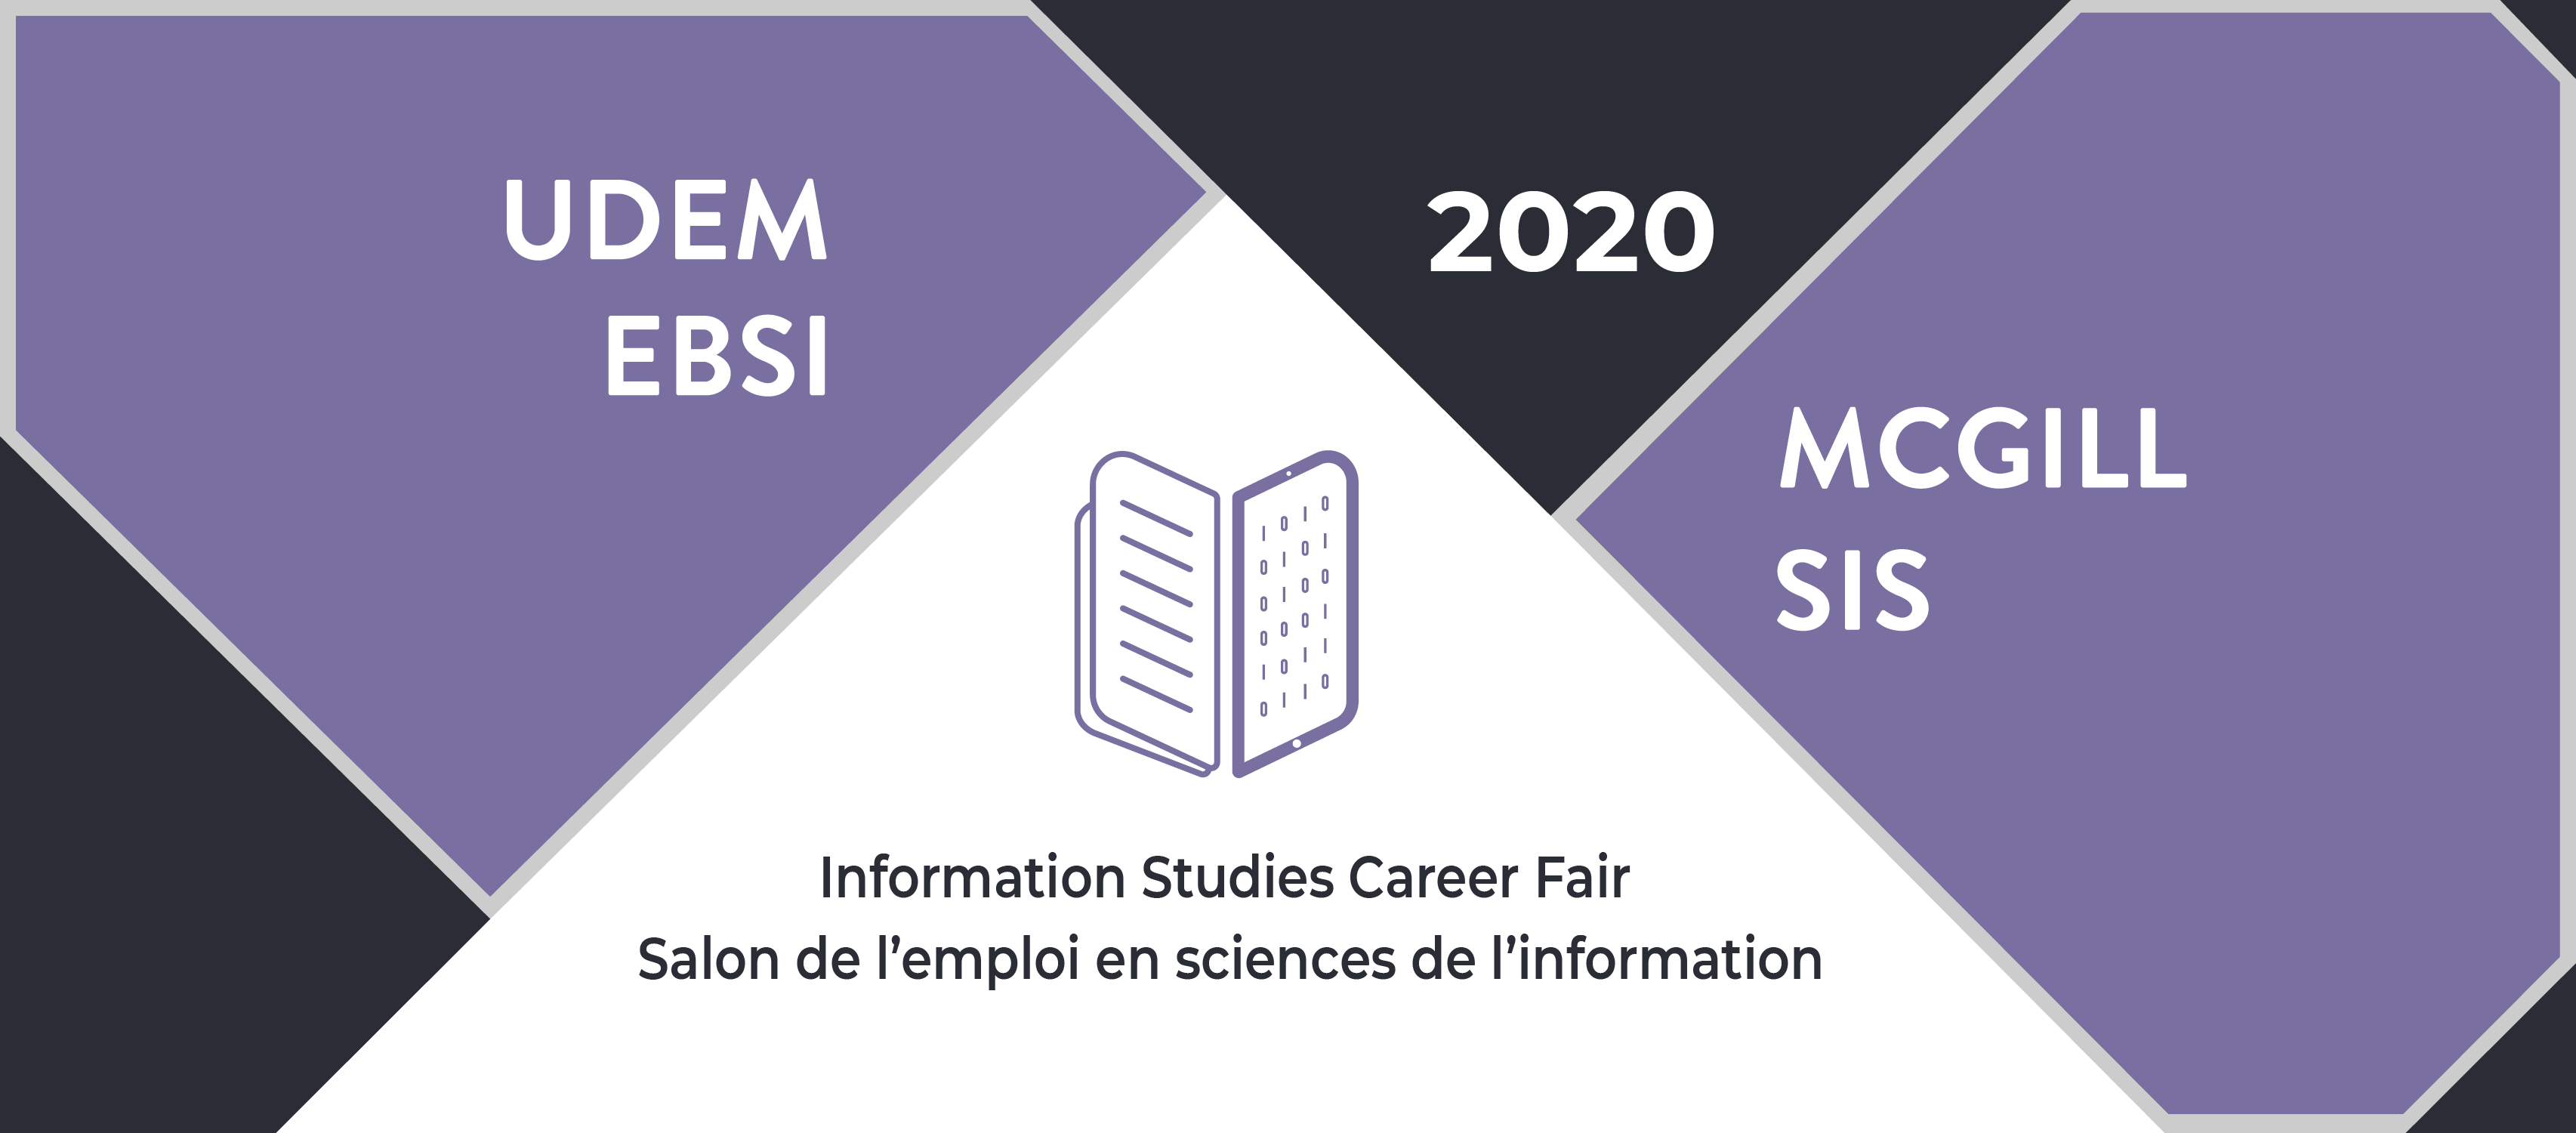 Salon de l'emploi en sciences de l'information/Info Studies Career Fair